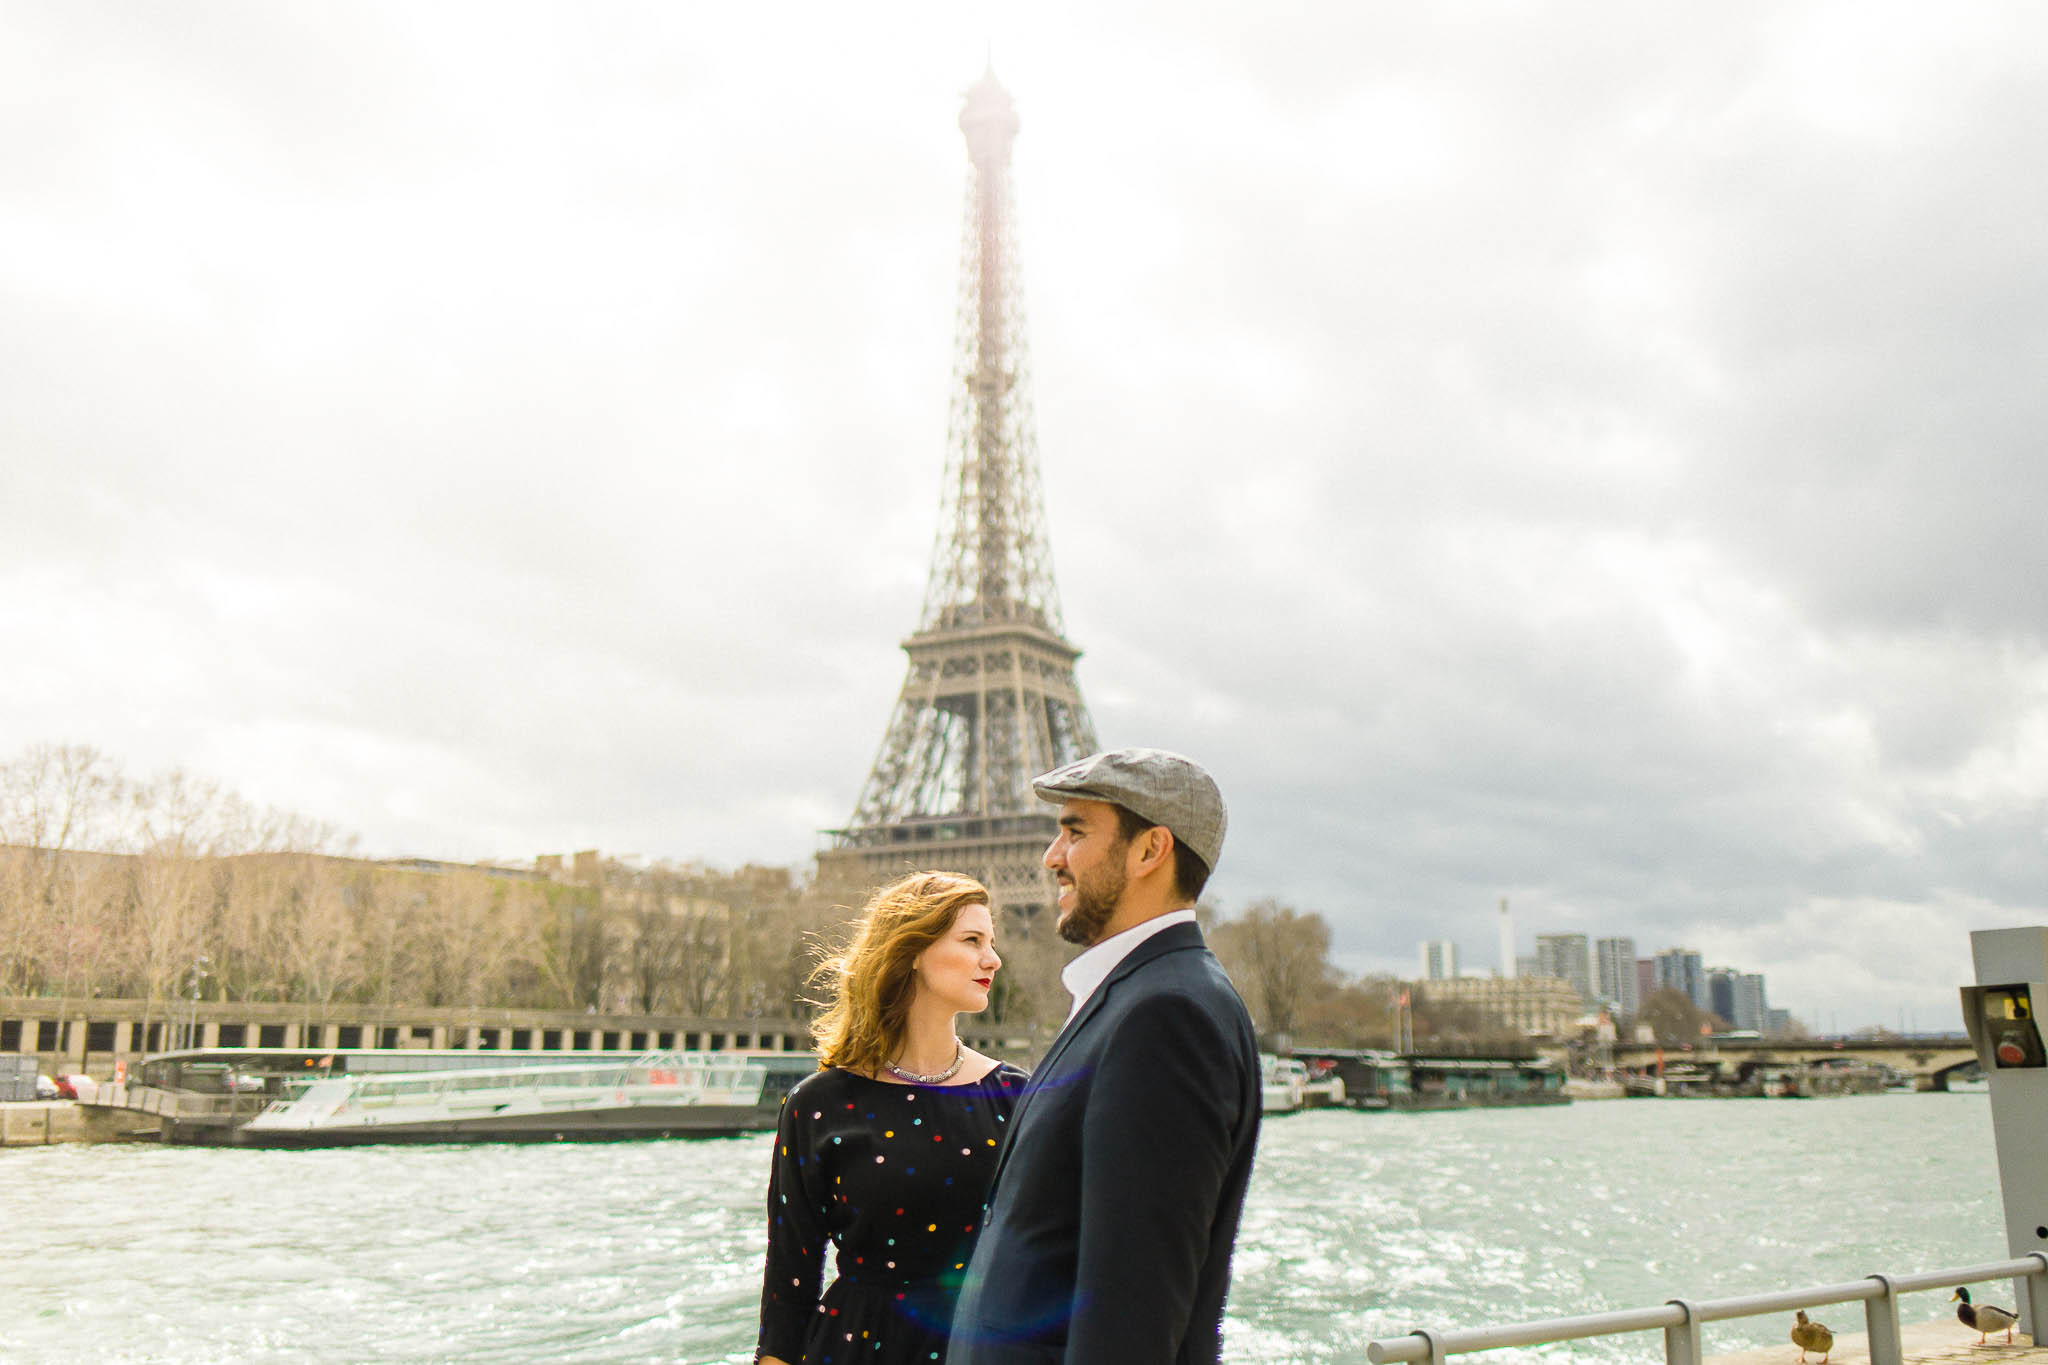 Art_Avec_Amour_Photographe_Mariage_Famille_Paris_France-00008.jpg